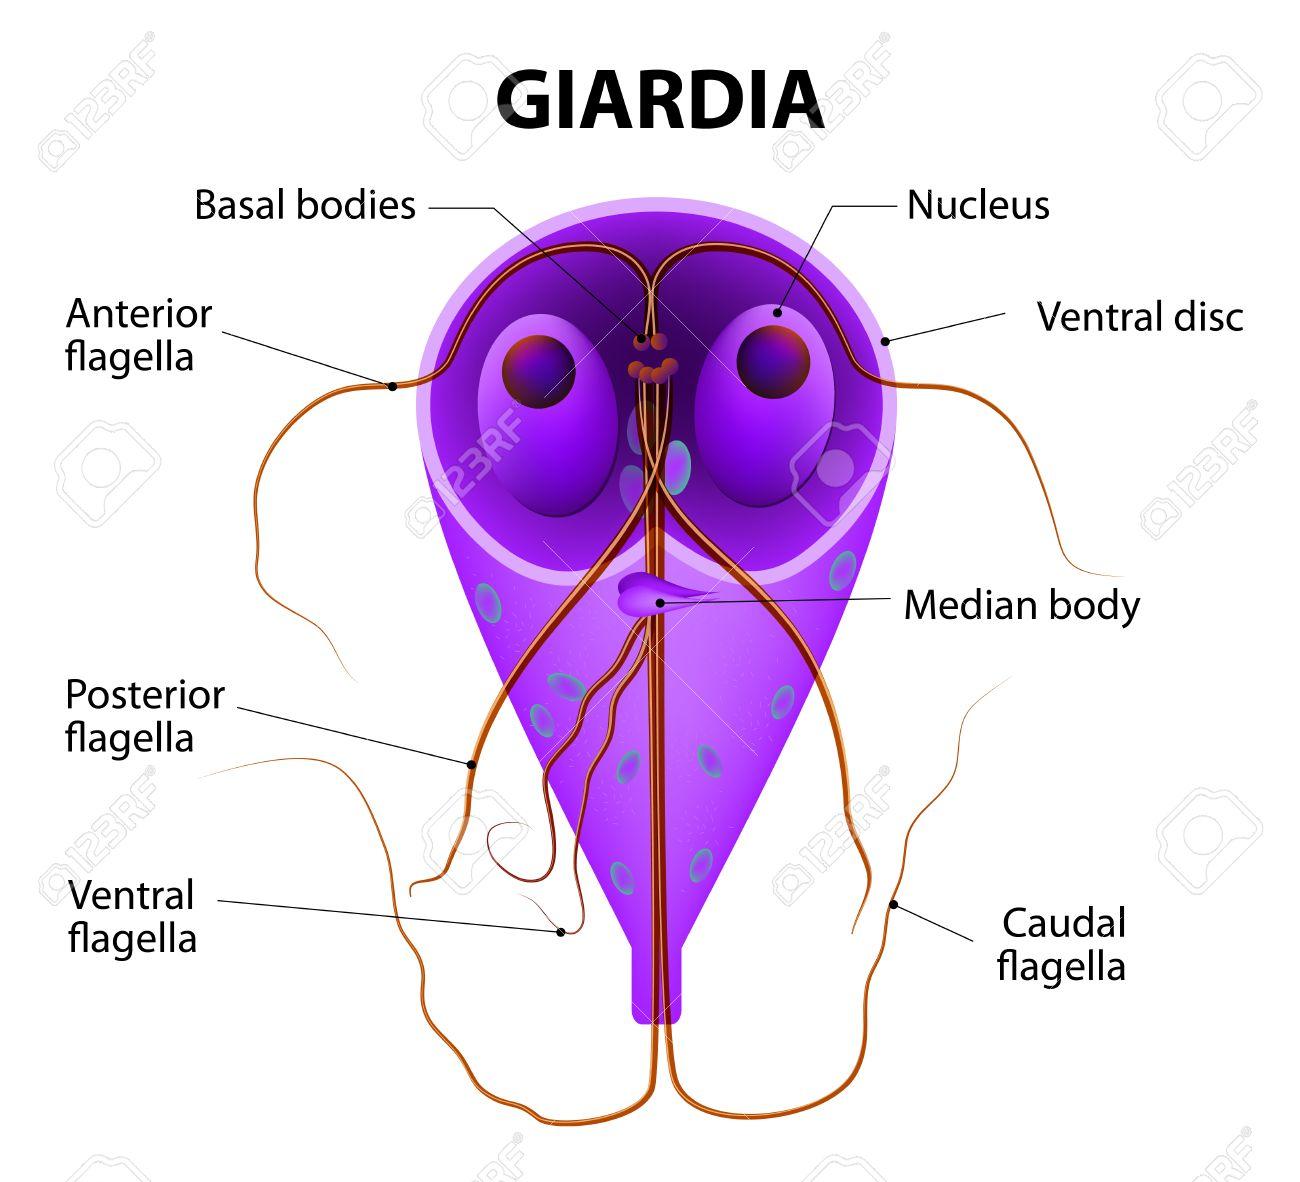 képek a giardia protozoákról)